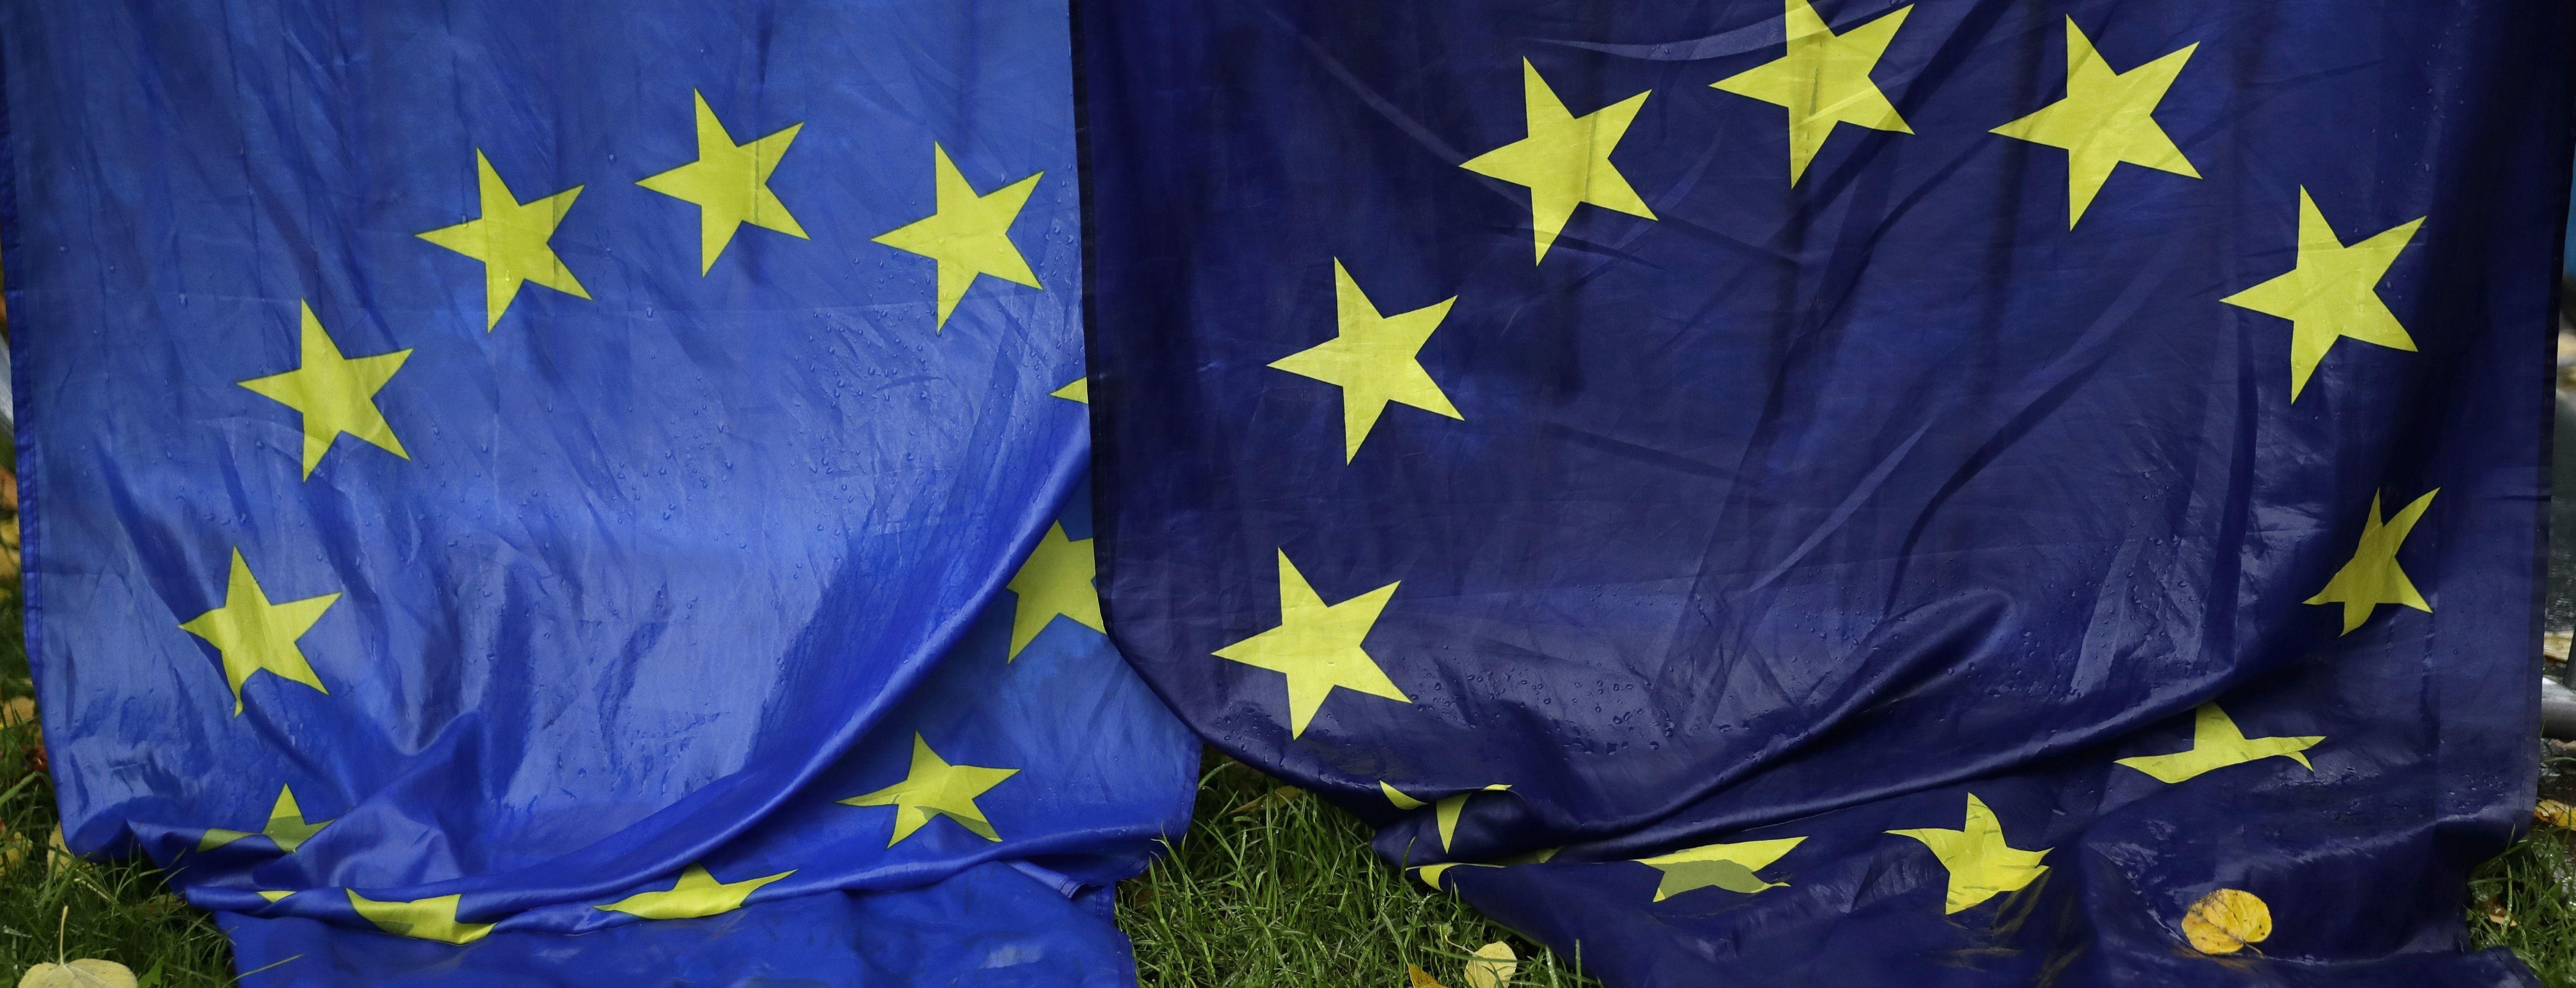 Украина — одна из первых стран за пределами ЕС, чьи электронные COVID-сертификаты признали